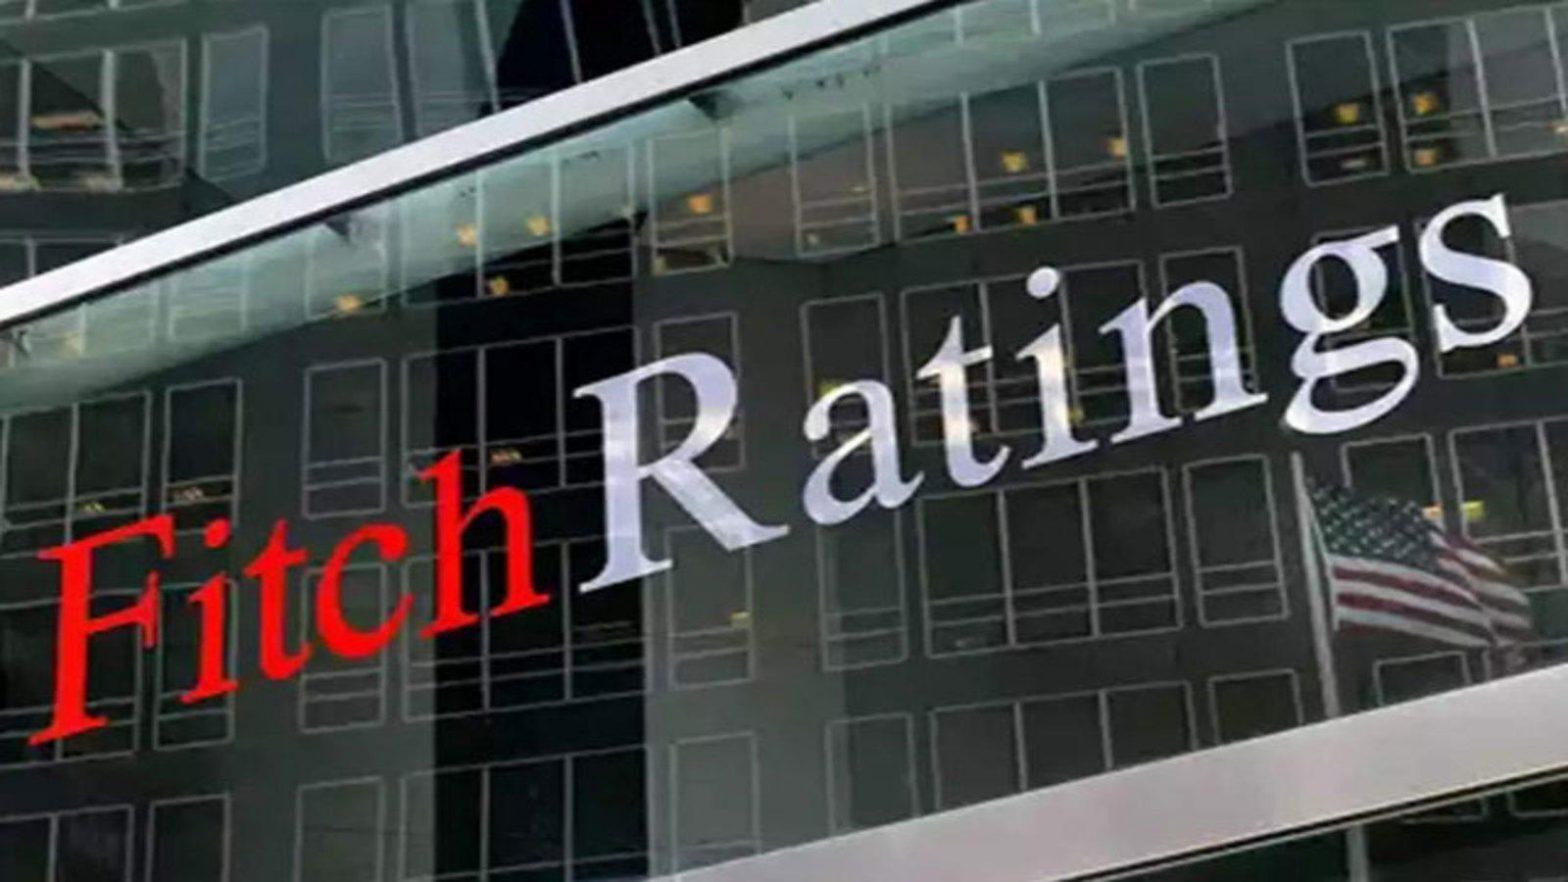 Fitch Ratings projects India GDP growth for FY22 at 10% | ஃபிட்ச் மதிப்பீடுகள் மொத்த இந்திய உள்நாட்டு உற்பத்தியை நிதியாண்டு 22 க்கான 10% ஆக கணிக்கப்பட்டுள்ளது. |_40.1